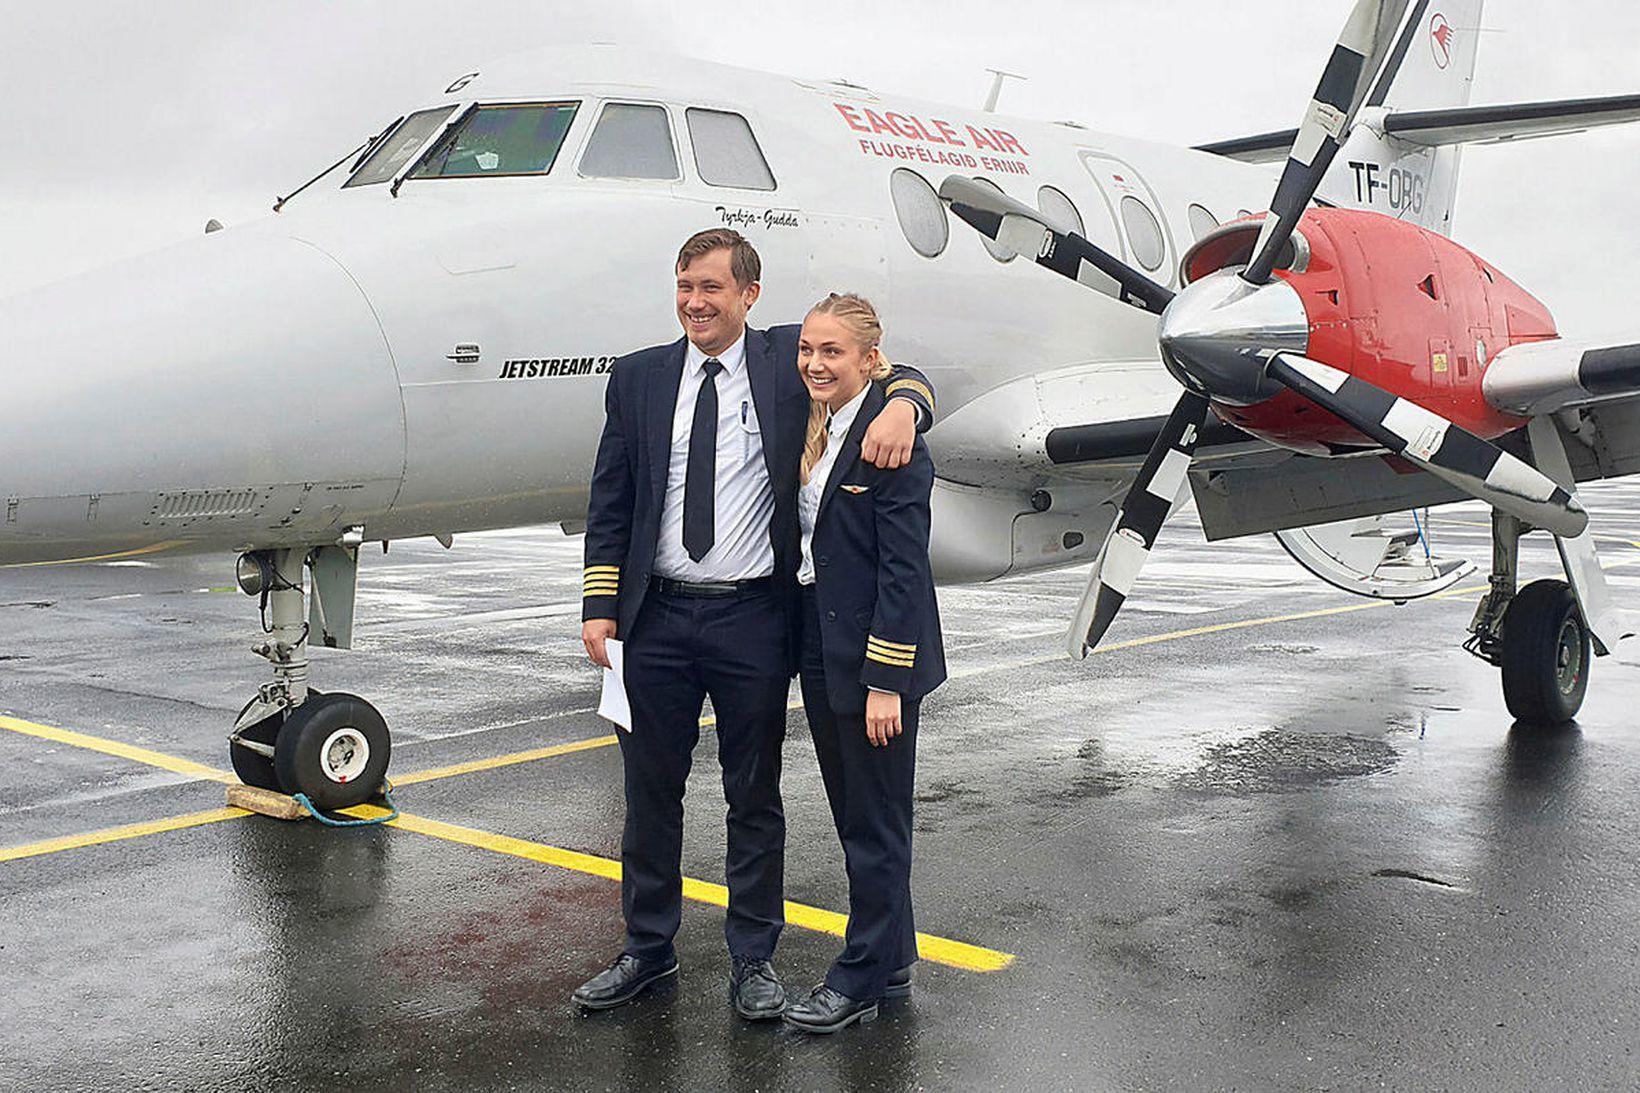 Sigurður Egill Sigurðsson flugstjóri og Birna Borg Gunnarsdóttir flugmaður.